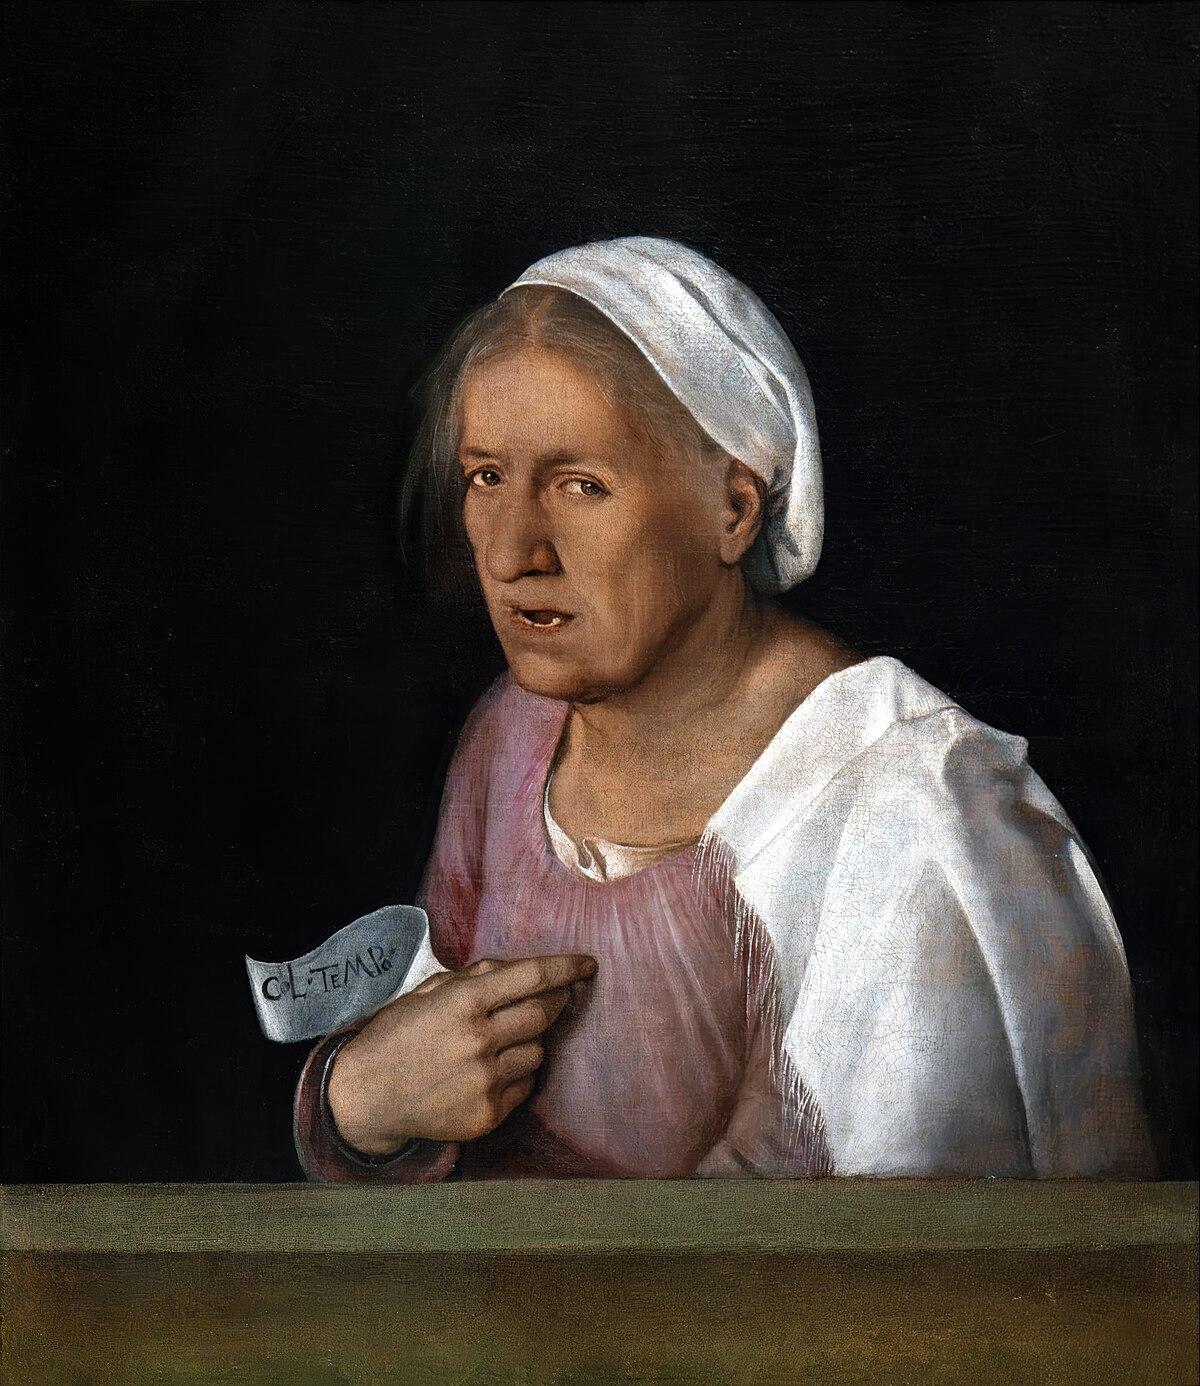 Fotografia di donna vecchia nude photo 34